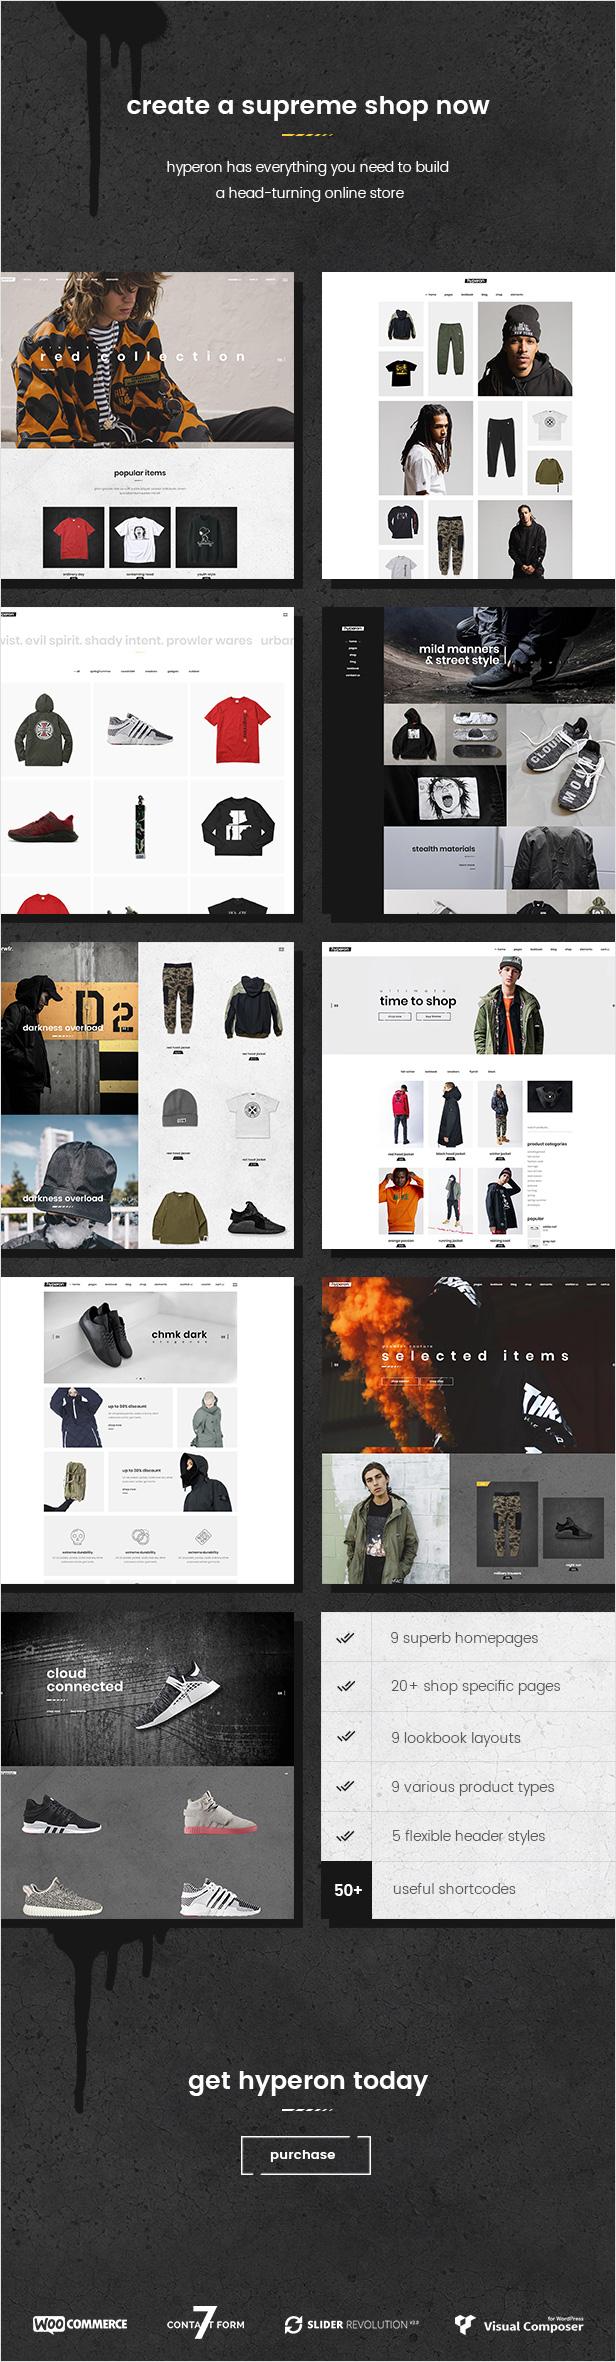 Hyperon - A Streetwear WooCommerce Theme